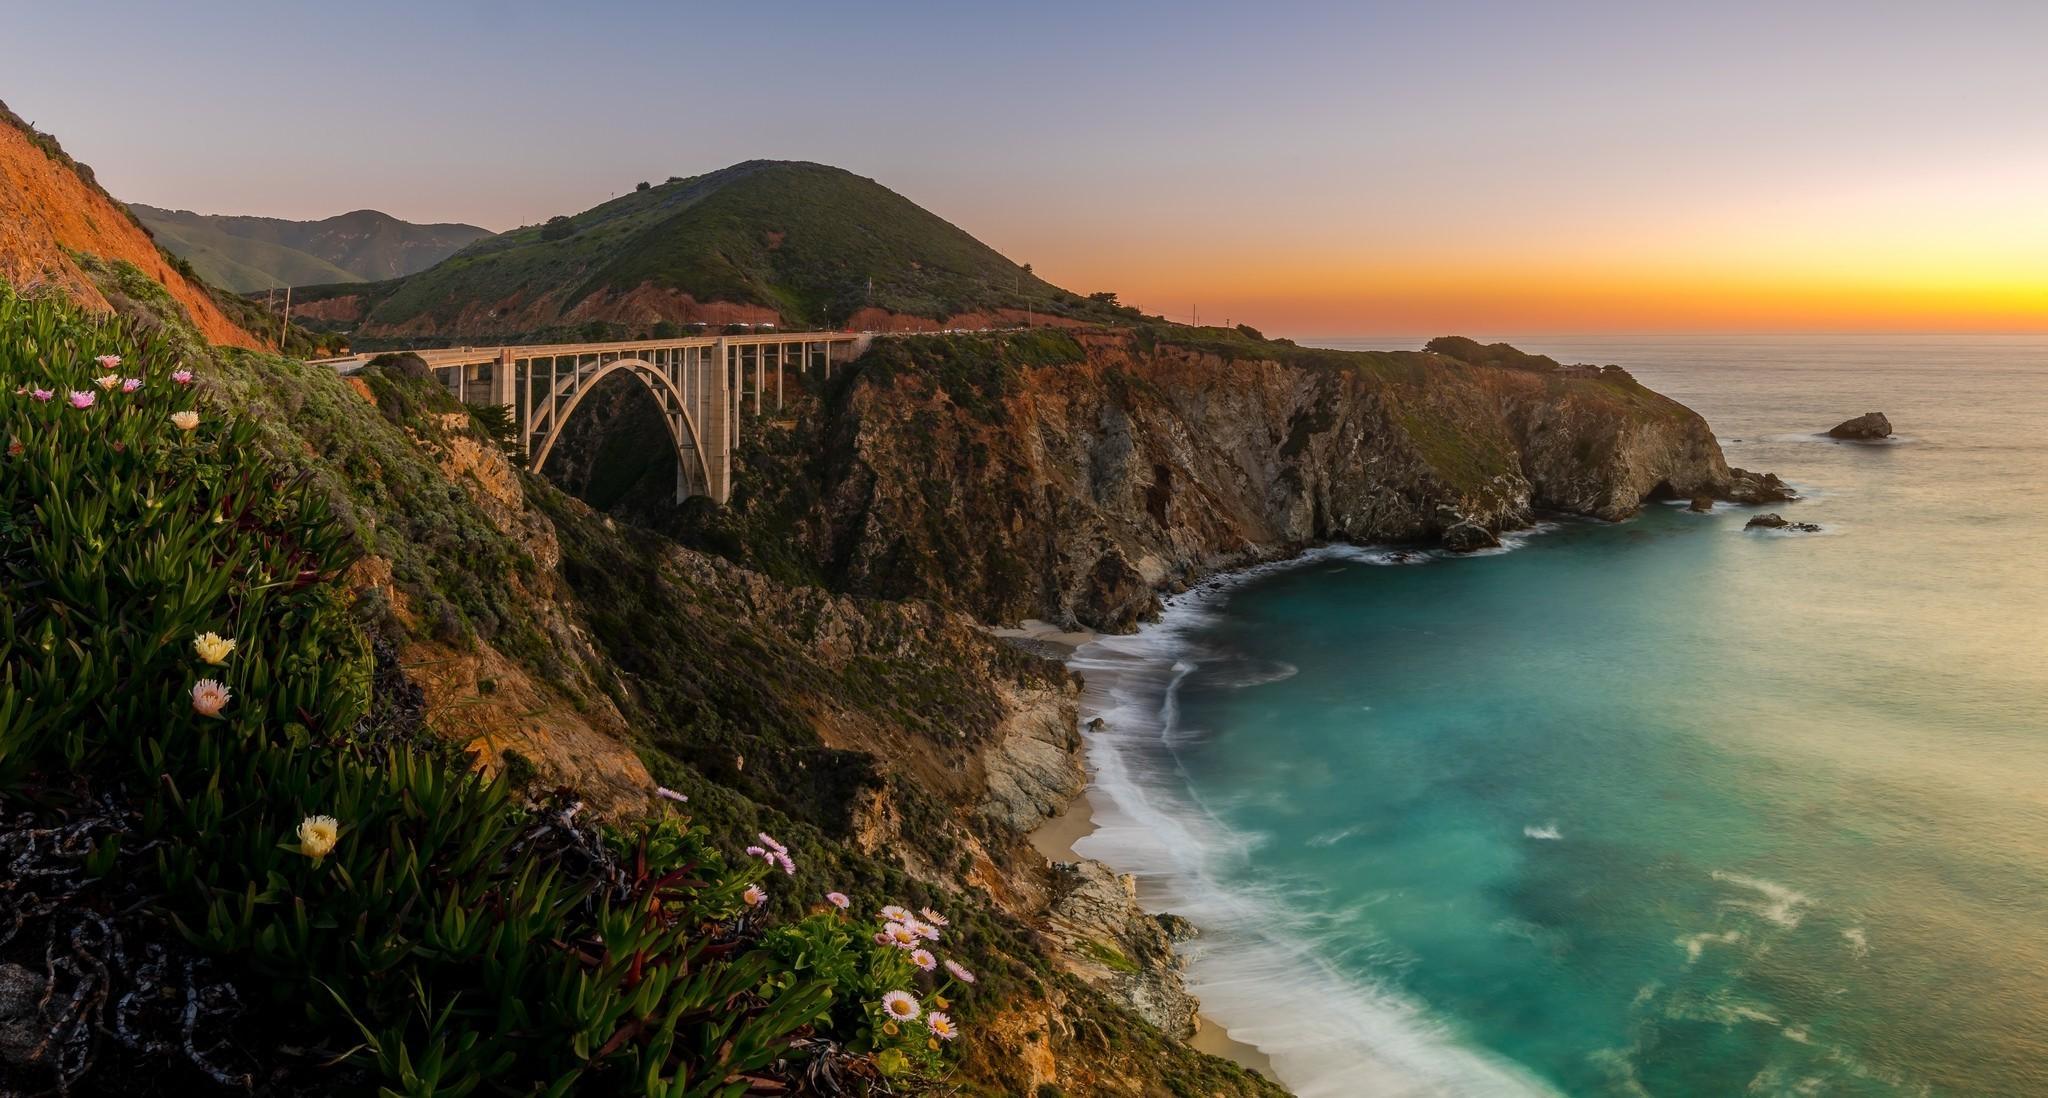 California desktop wallpaper 73 images - Cali wallpaper hd ...